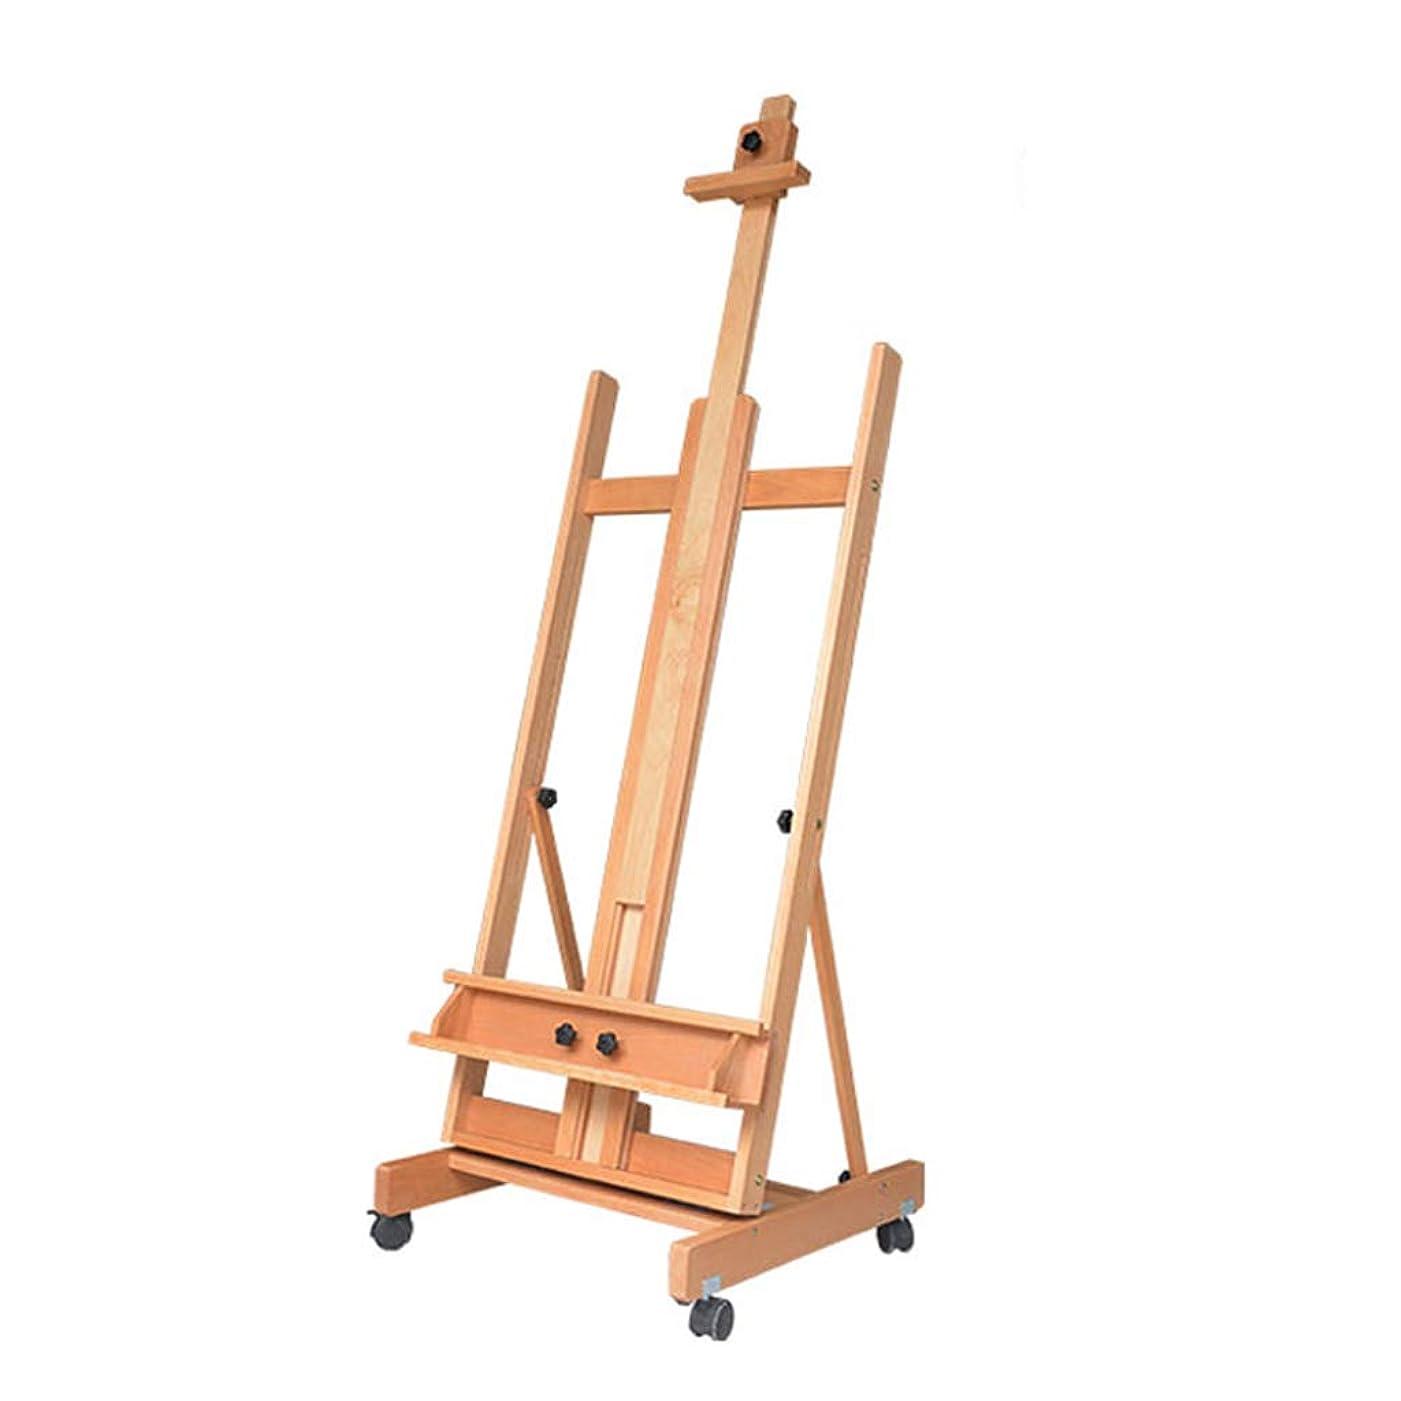 うつ輸血付属品Djyyh 木製オイルイーゼルホイール描画ボード木製広告ディスプレイスタンドスタジオ教えるフロアイーゼル (Color : C)